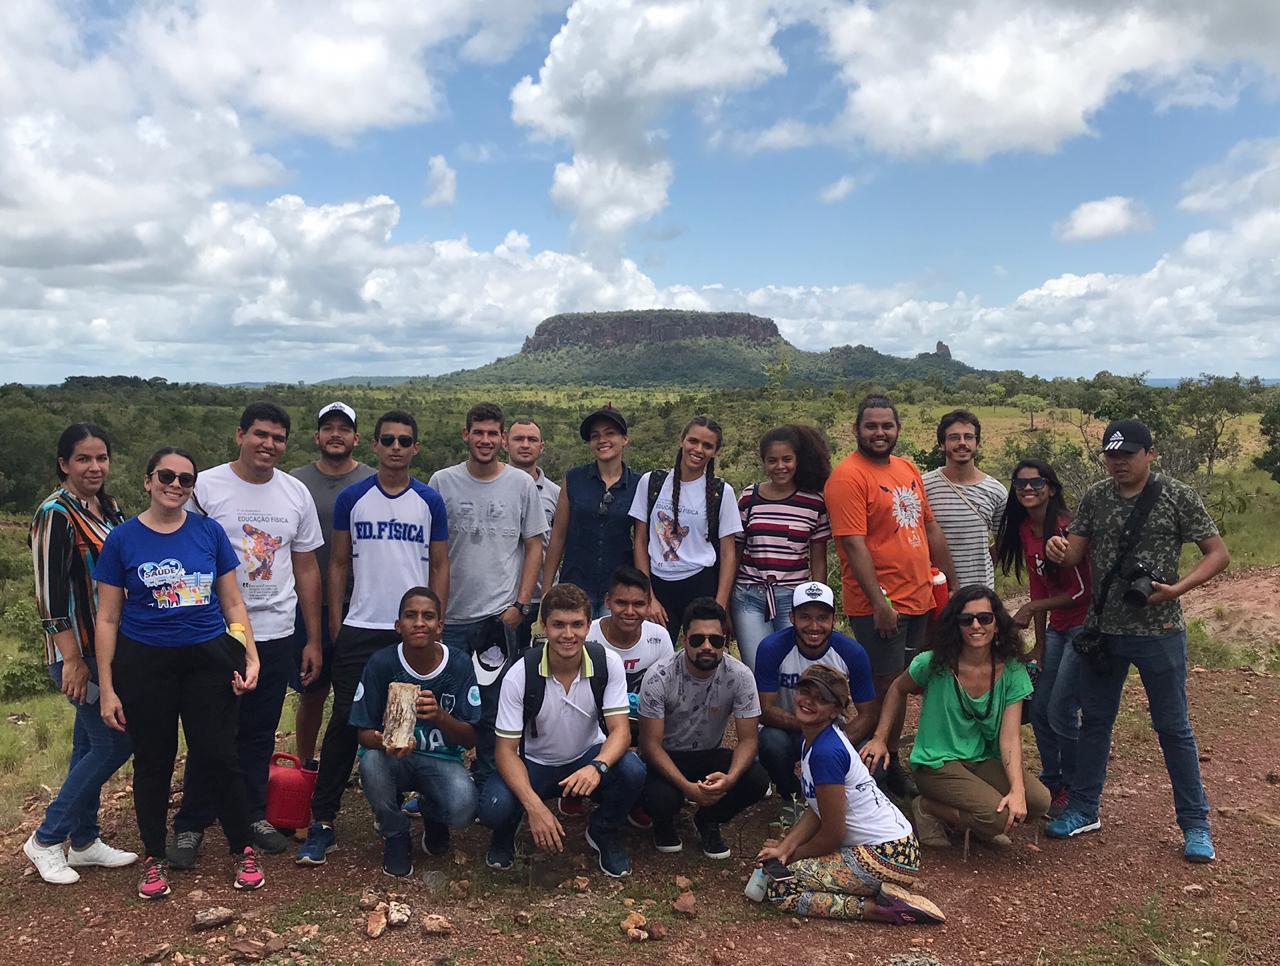 Sítios de vegetação fossilizada do Tocantins atraem visitantes brasileiros e estrangeiros para Monumento Natural